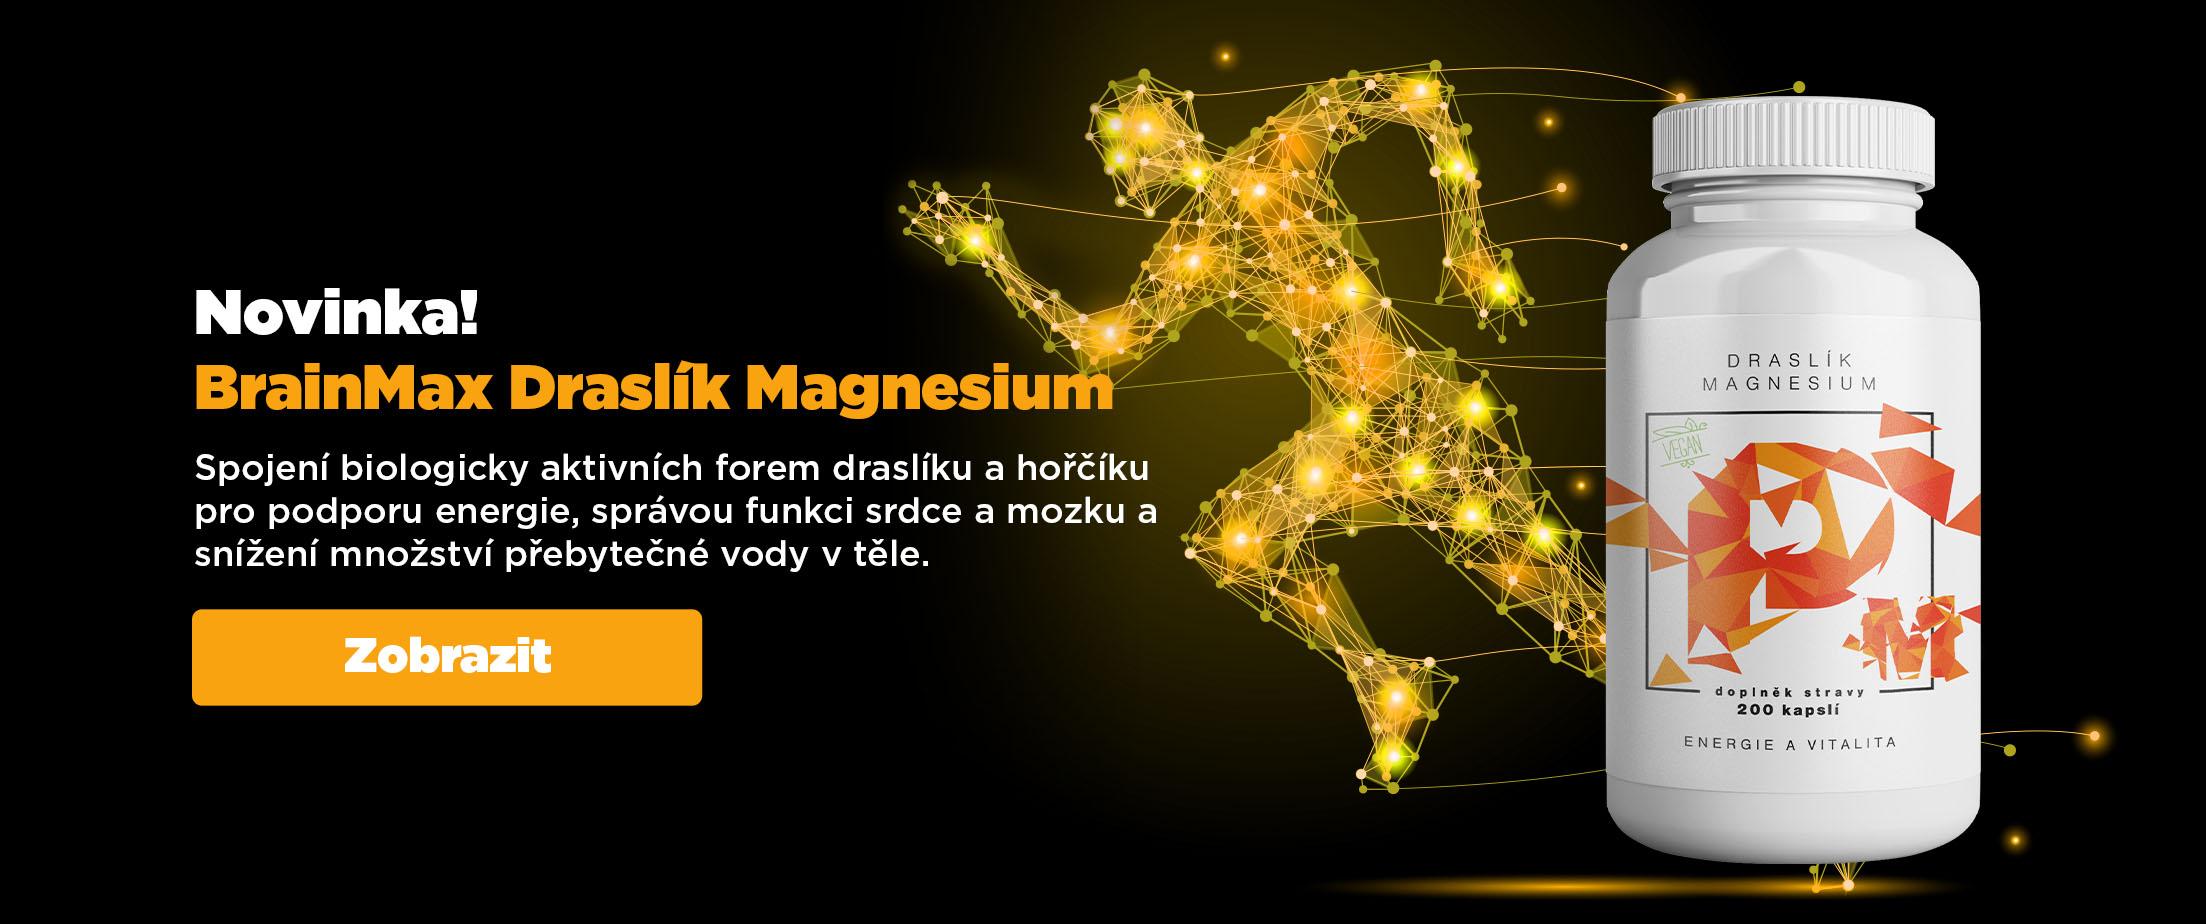 Draslík Magnesium